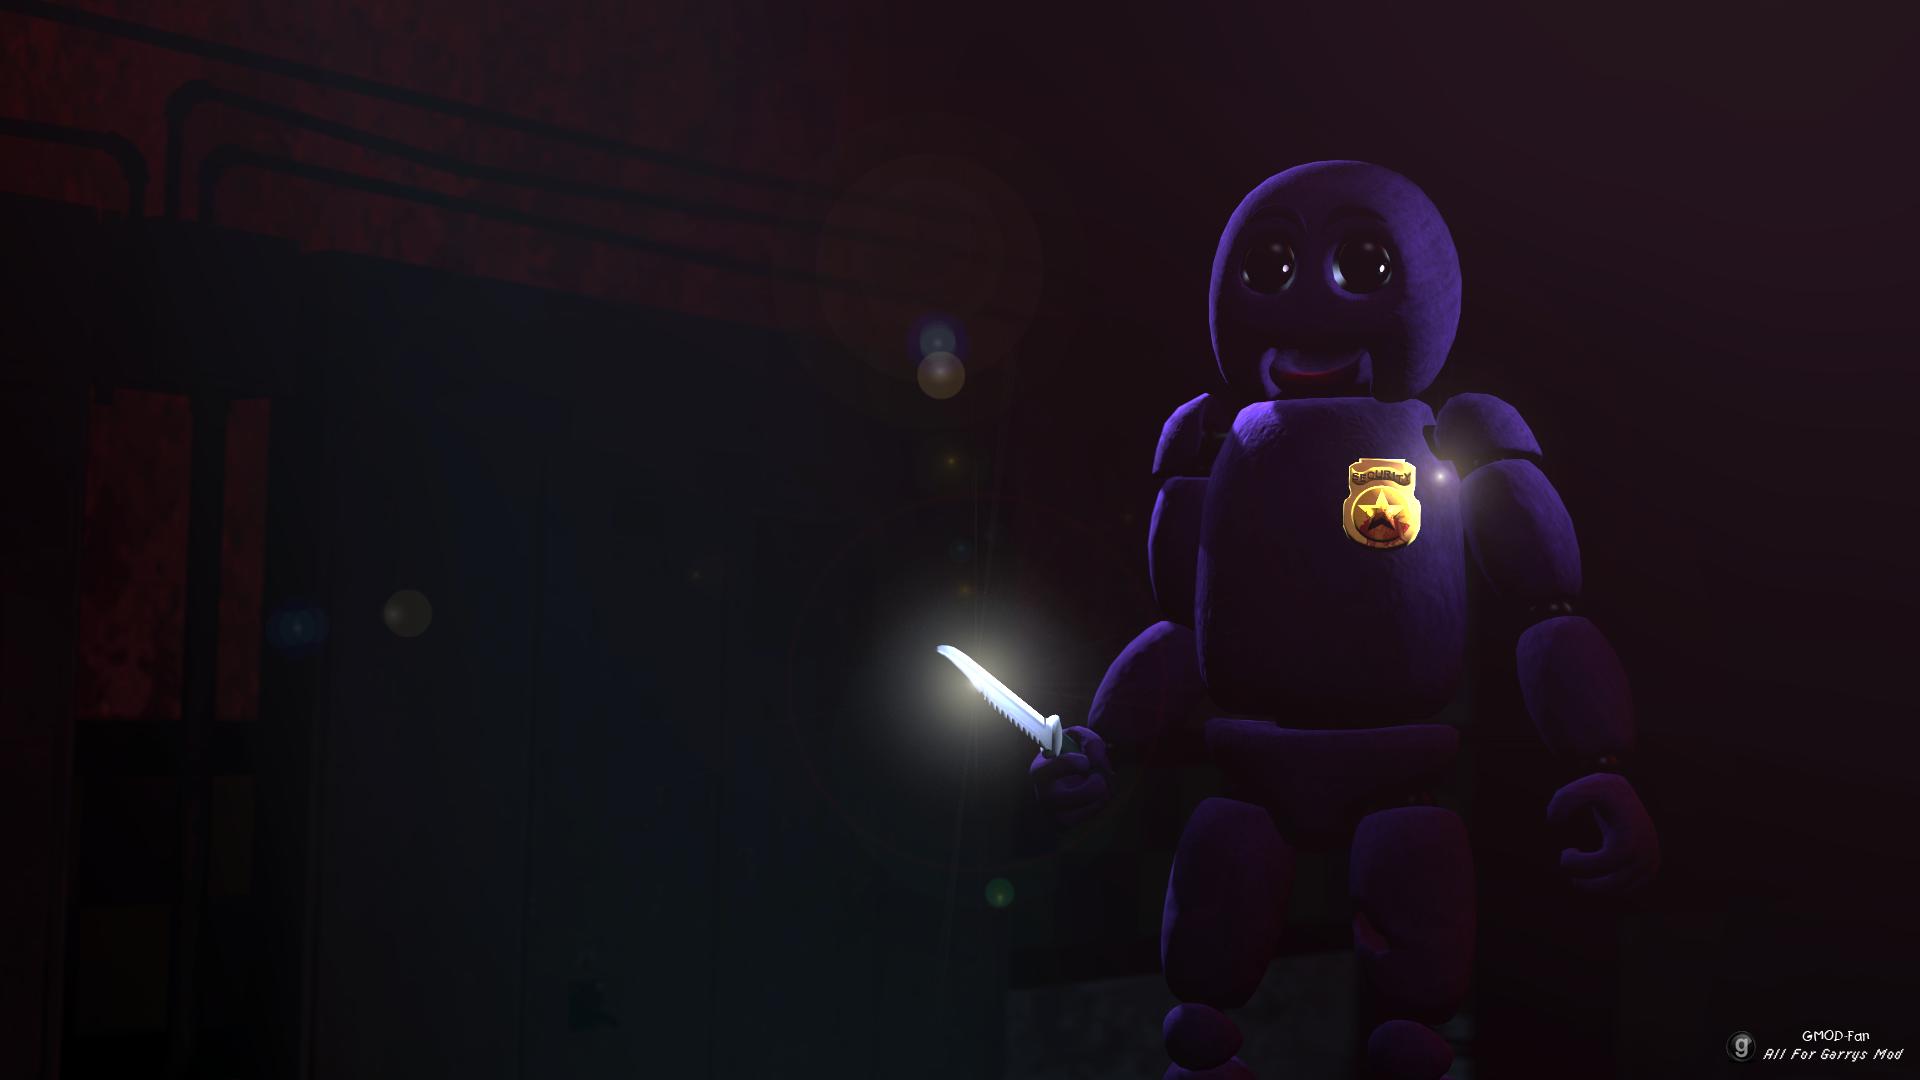 Purple Guy (Animatronic Style